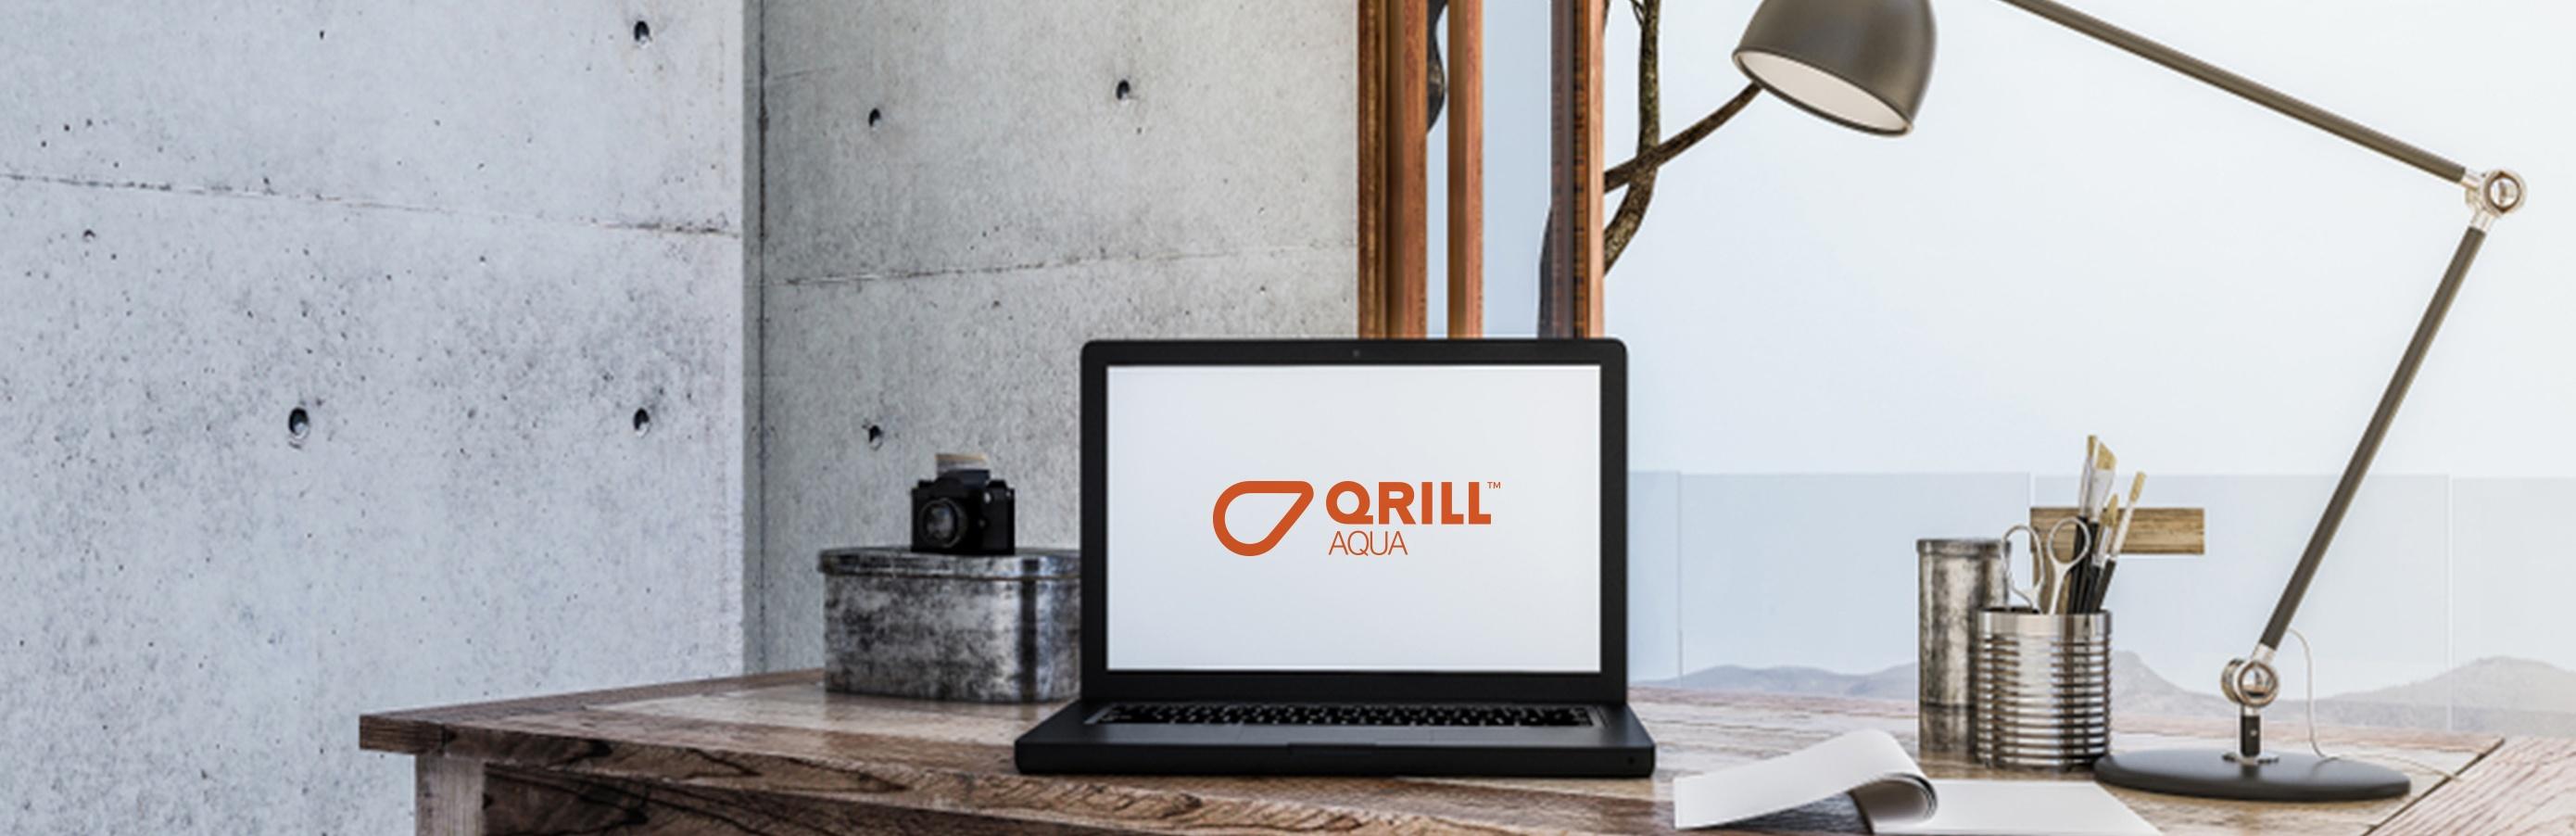 Qrill Aqua blog